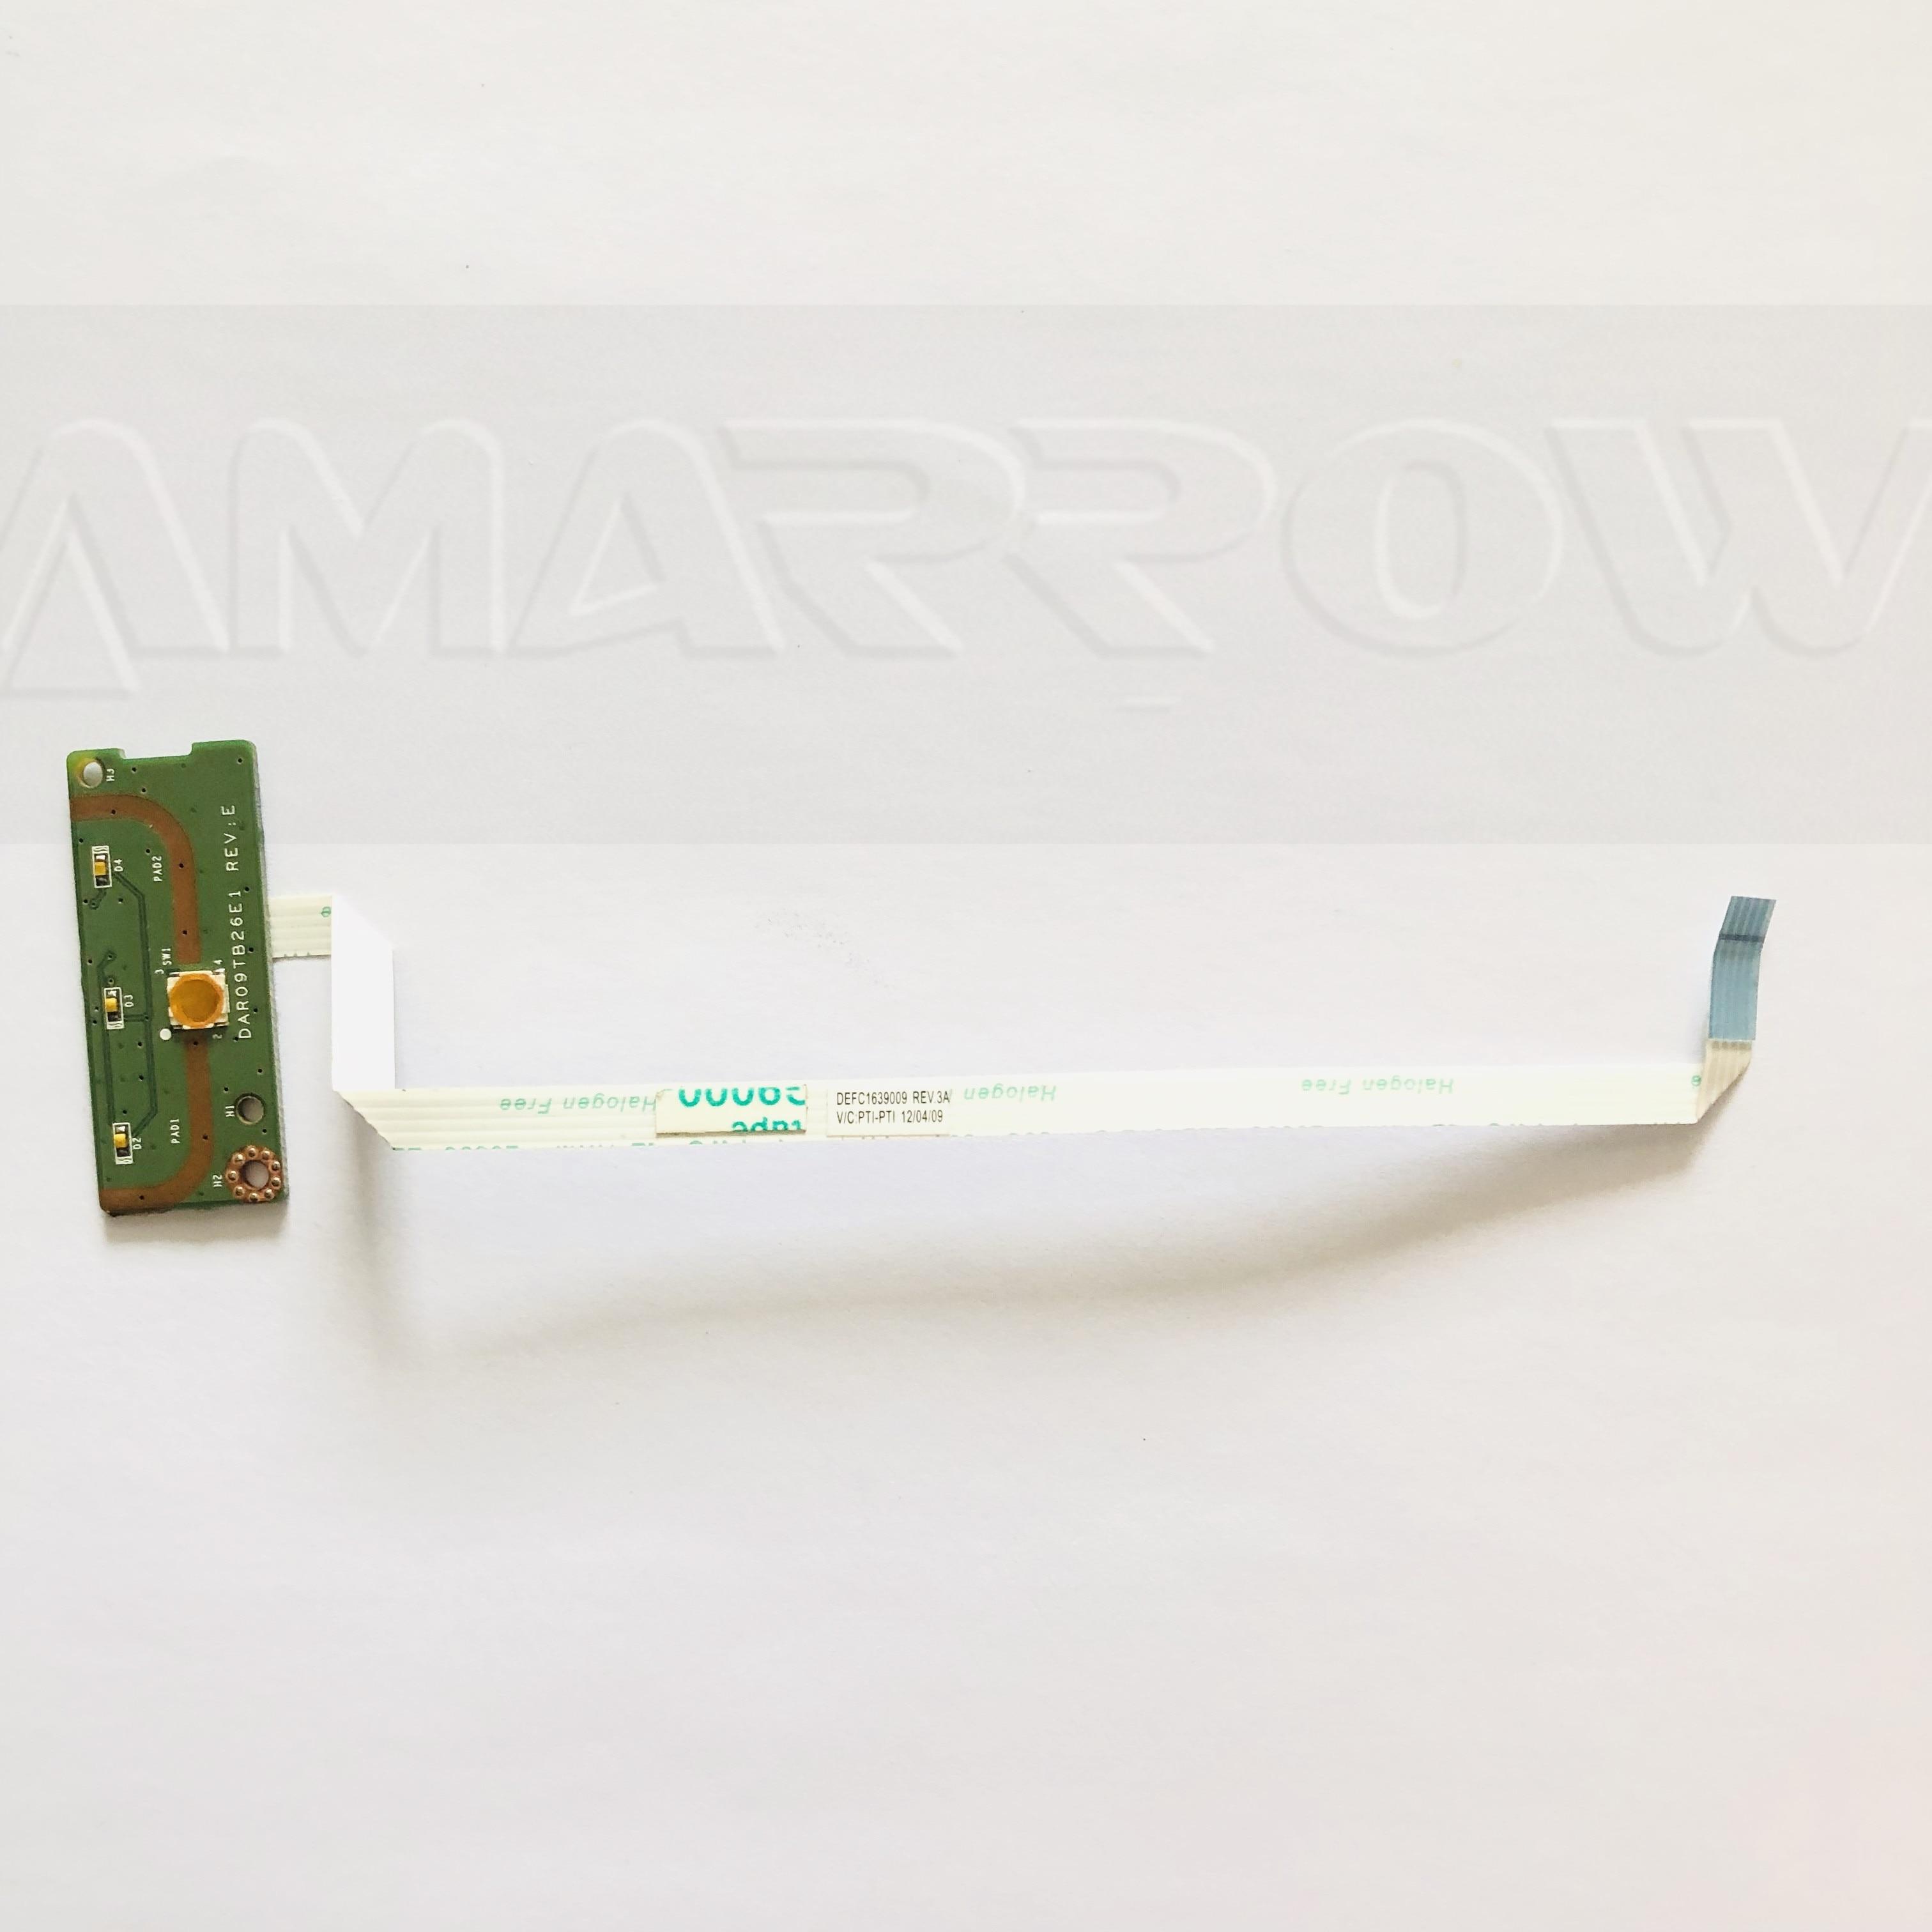 Оригинал для Asus 5720 7720 Кнопка питания плата коммутатора 3NR09PB0010 DAR09TB26E1